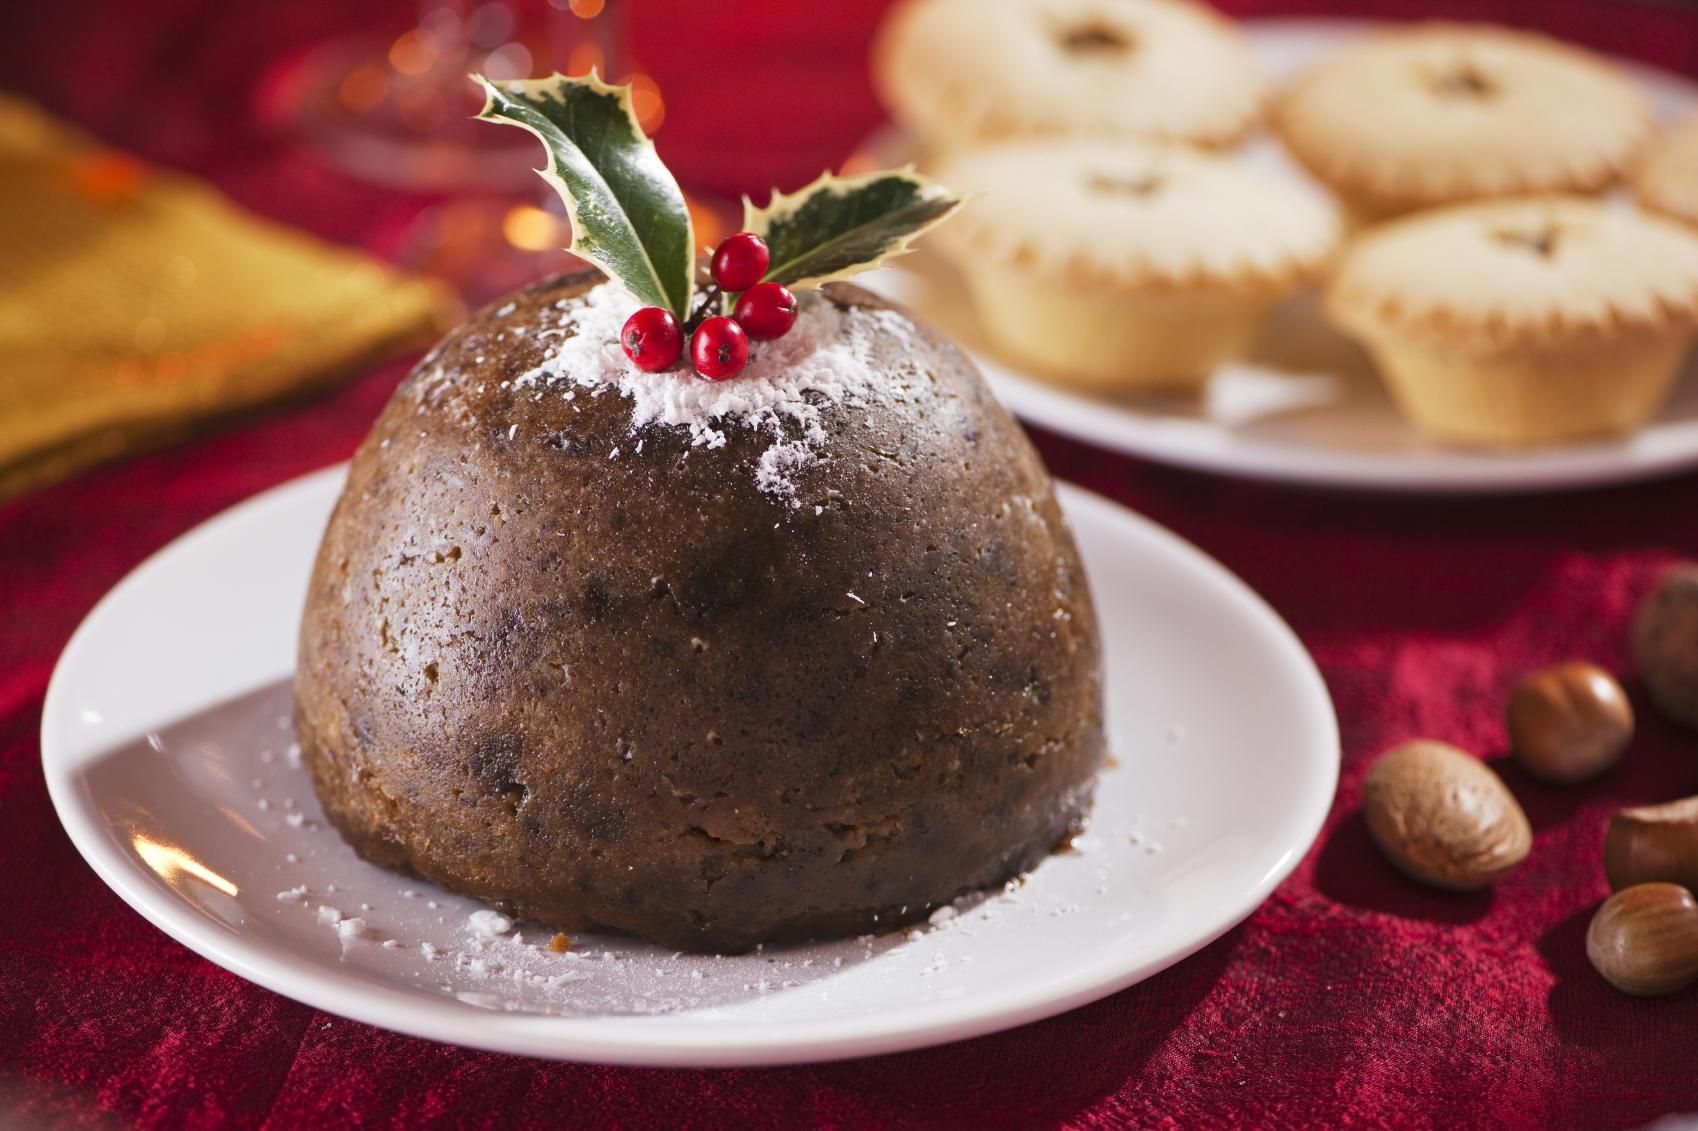 Bilder Weihnachtsessen.Weihnachtsessen International Das Isst Europa Zu Weihnachten